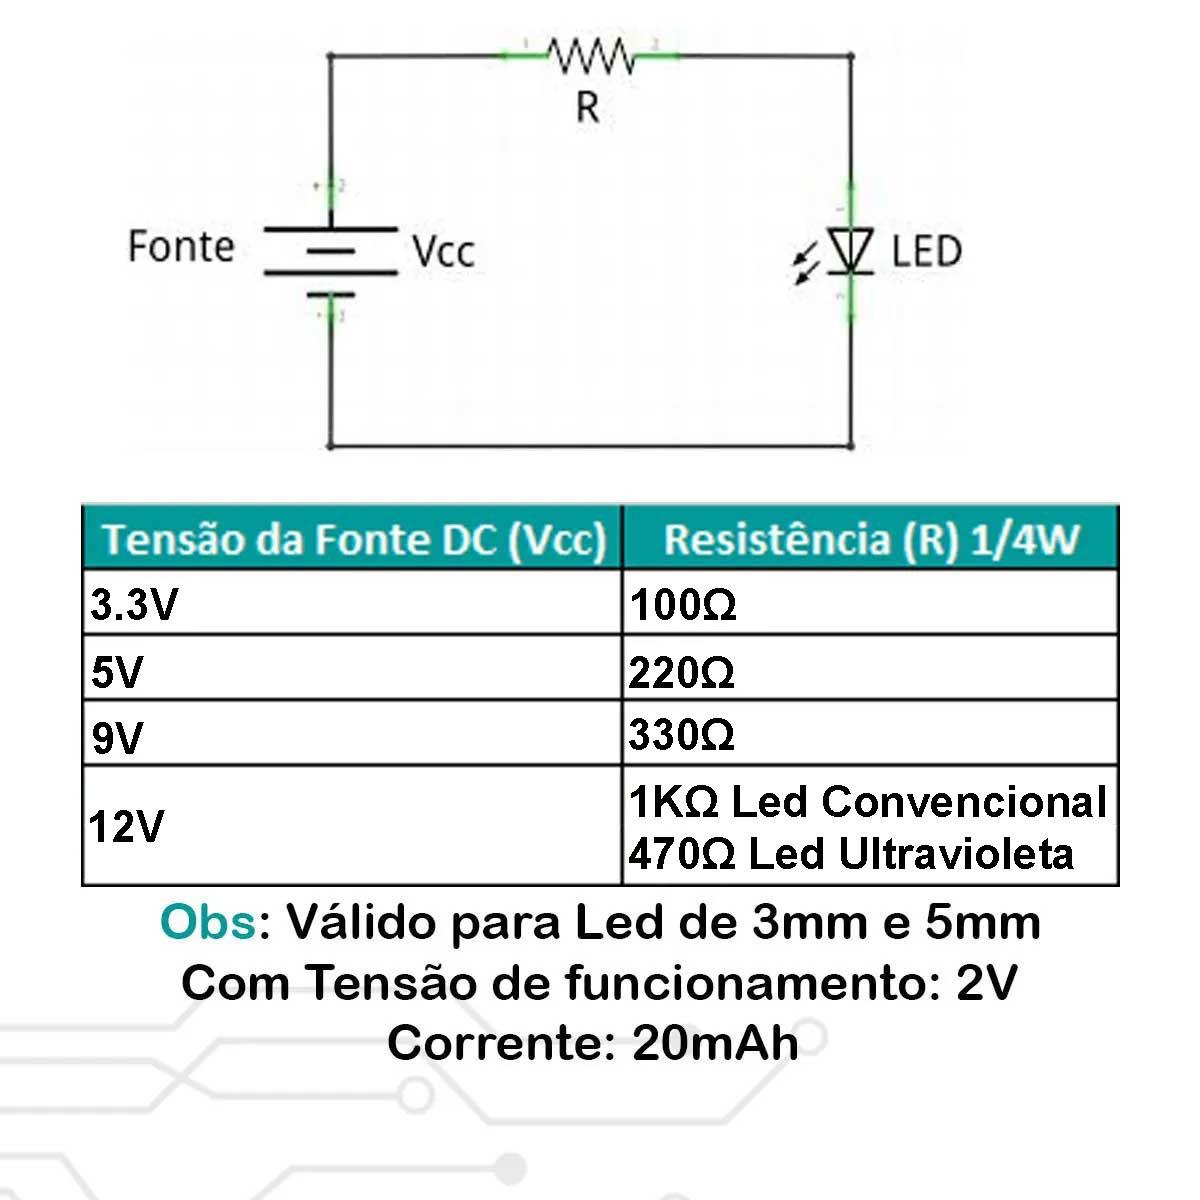 Kit no total de 150 Leds Alto Brilho 5mm: Branco, Azul, Vermelho, Verde, Amarelo, Rosa, Laranja e RGB